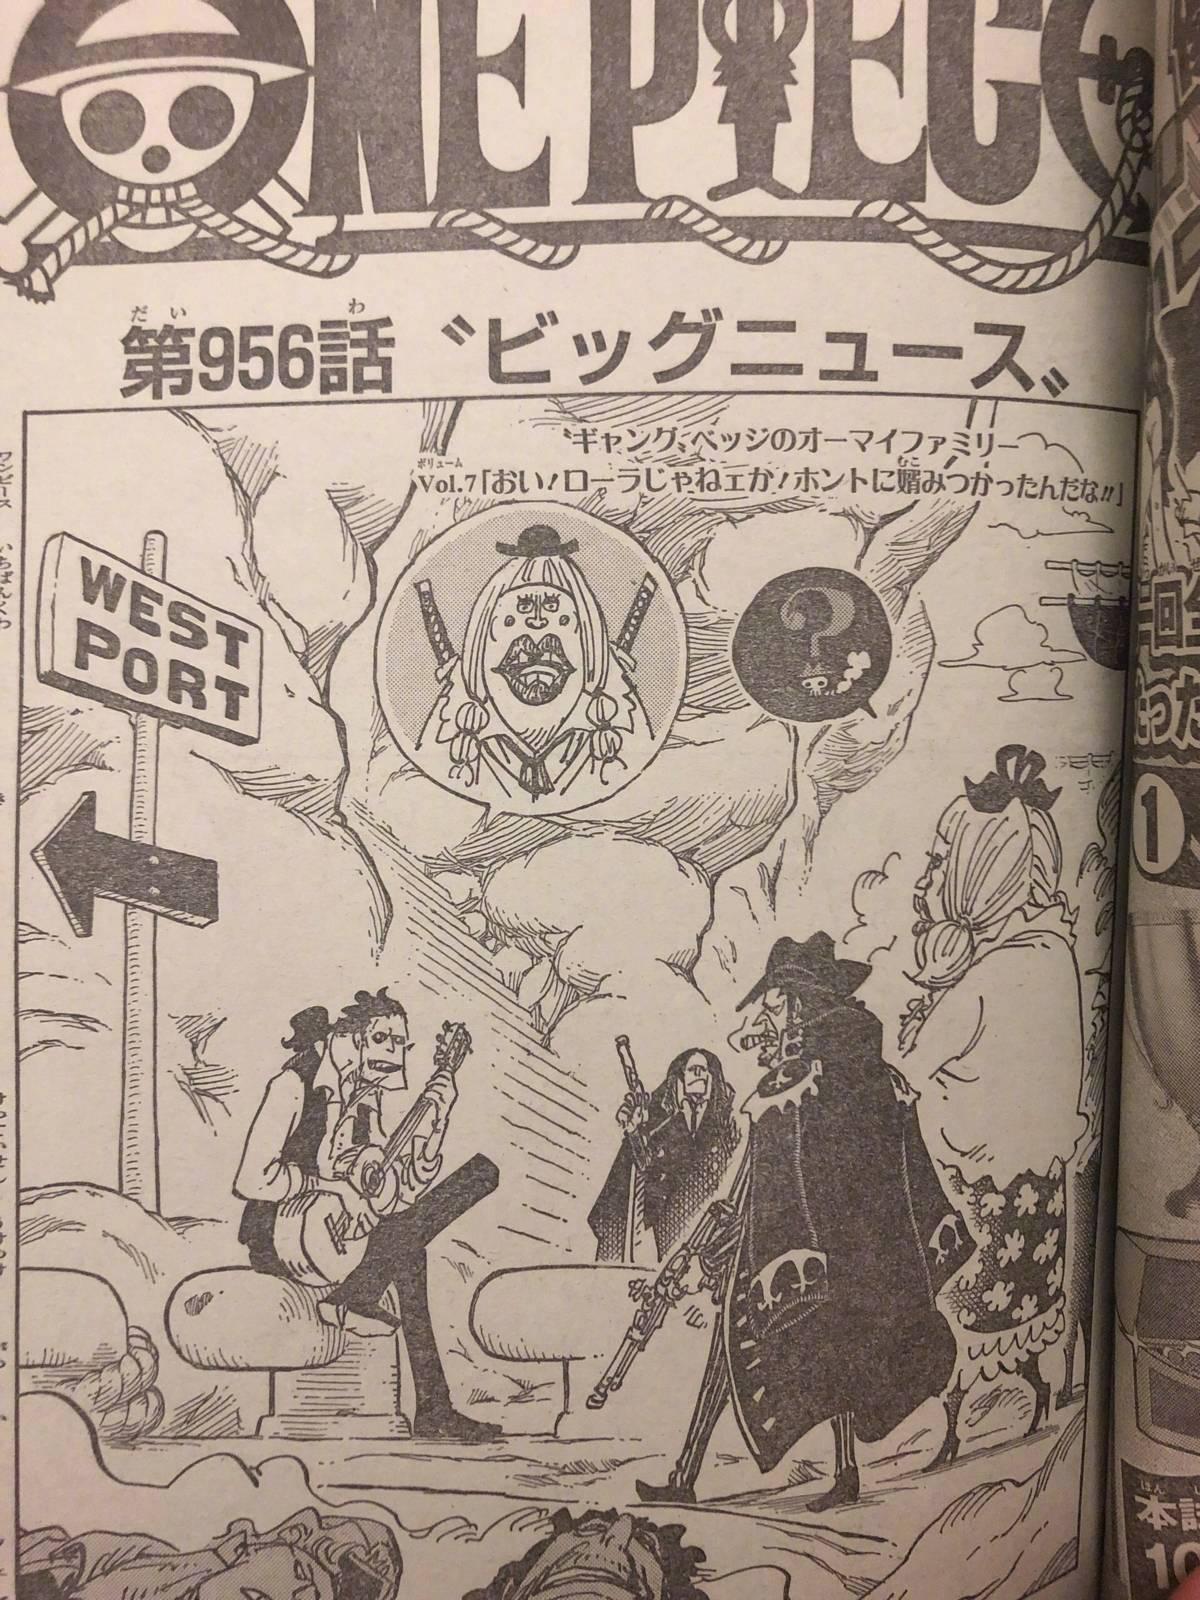 《海贼王》漫画第956话世界会议开始一周后萨博死亡的新闻传出七武